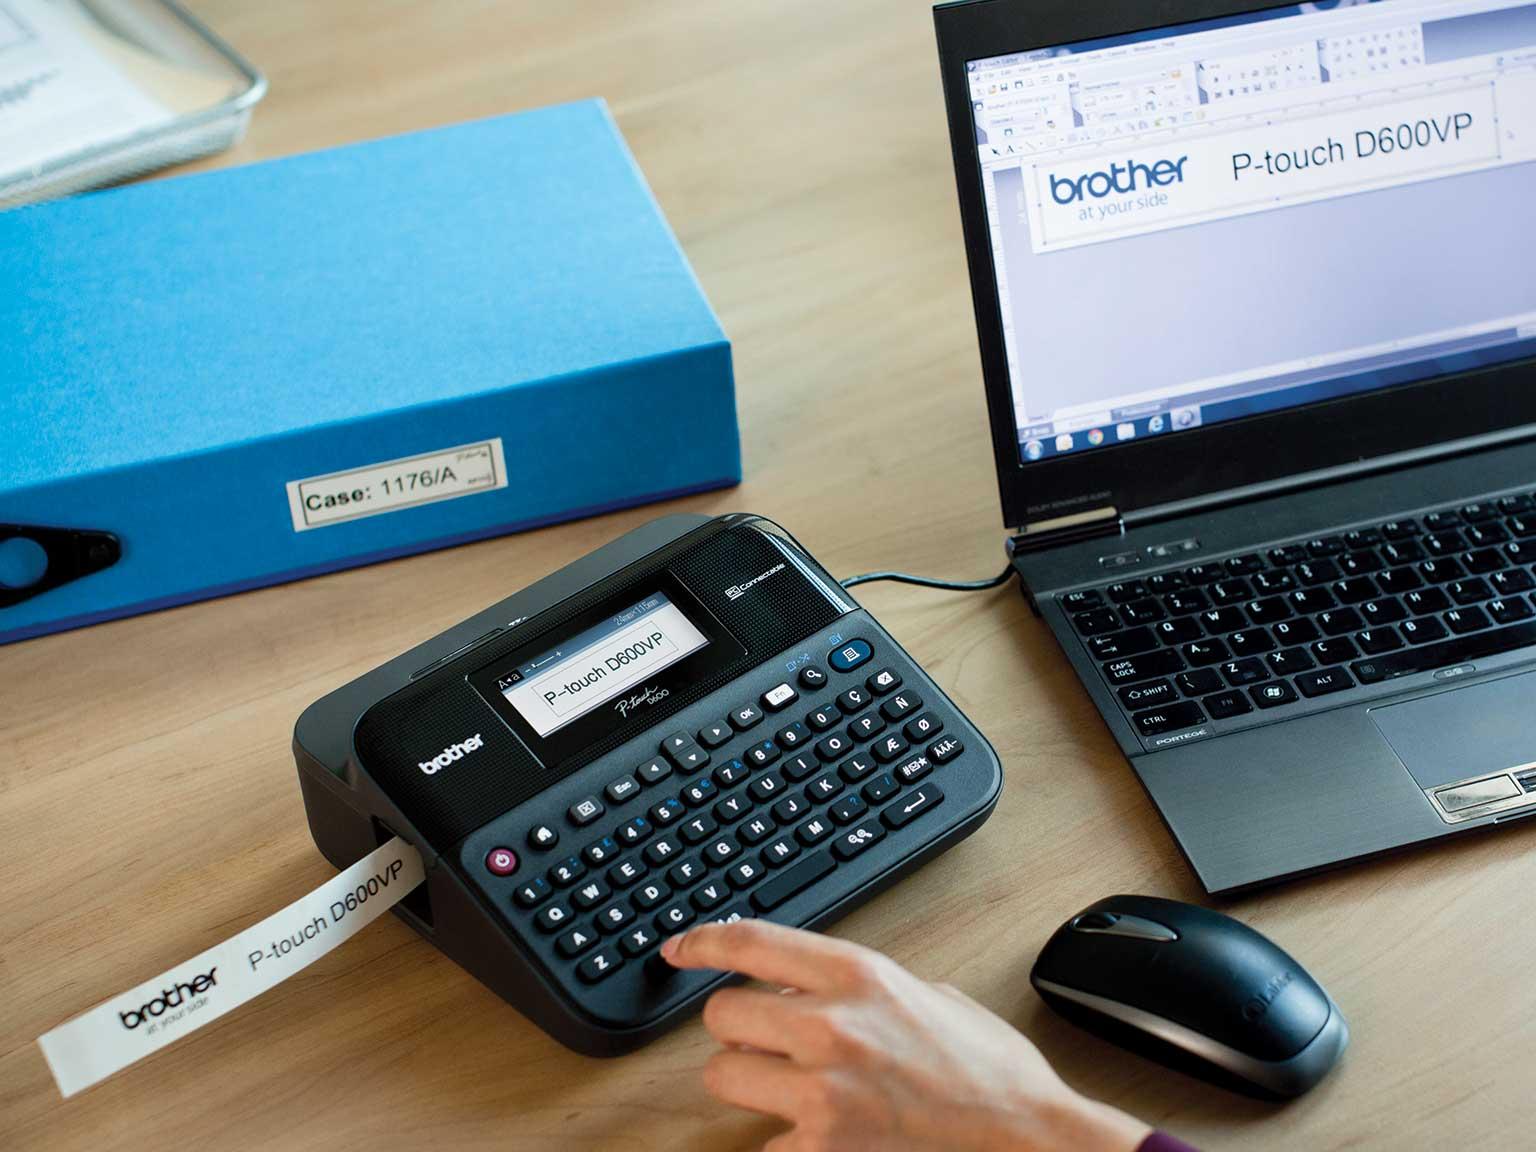 Stampante per etichette P-touch collegata ad un pc su una scrivania